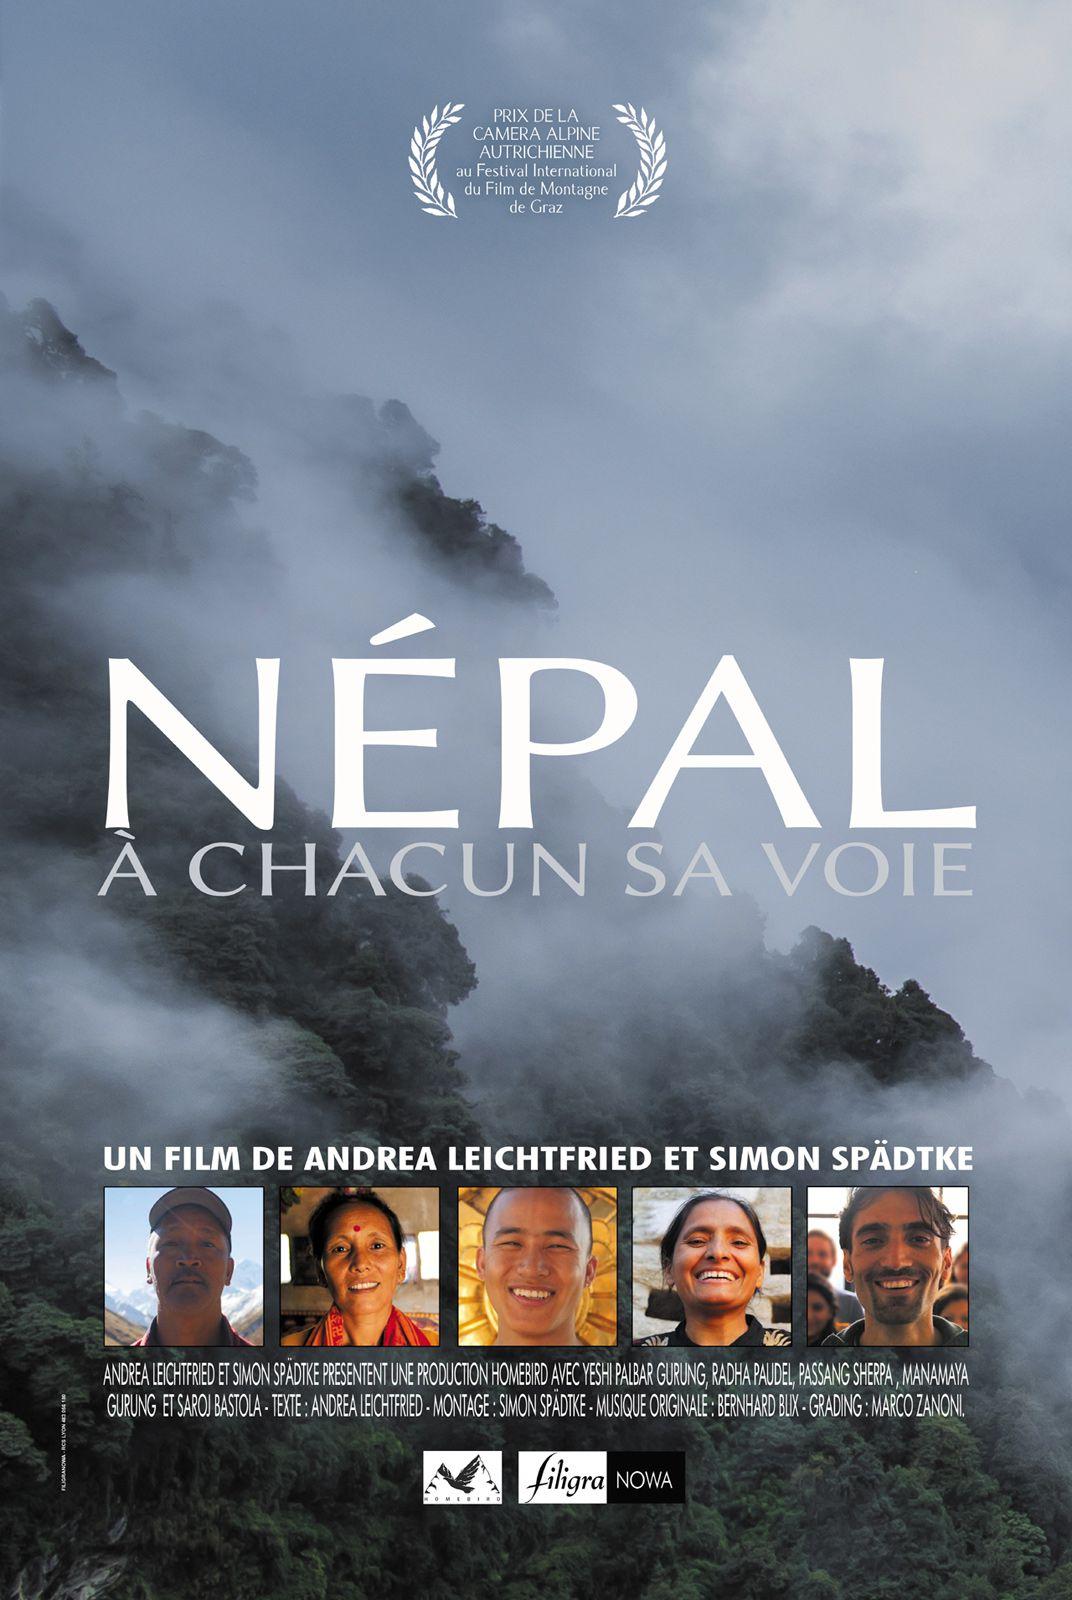 Népal - A chacun sa voie - Documentaire (2019)